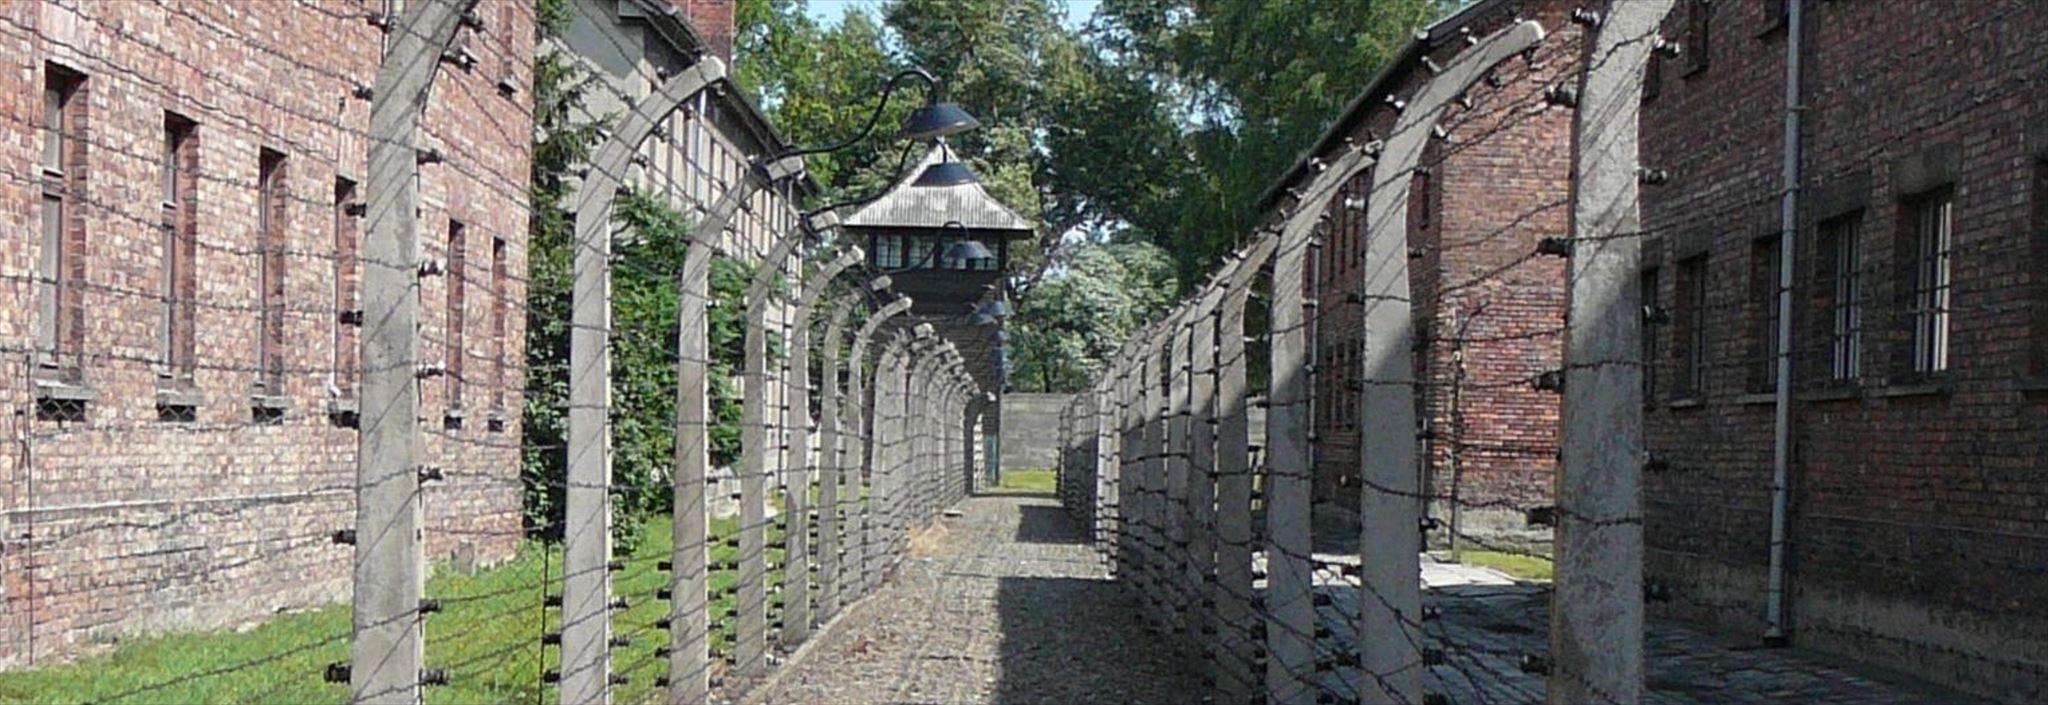 Koncentracni tabor v Osvetimi